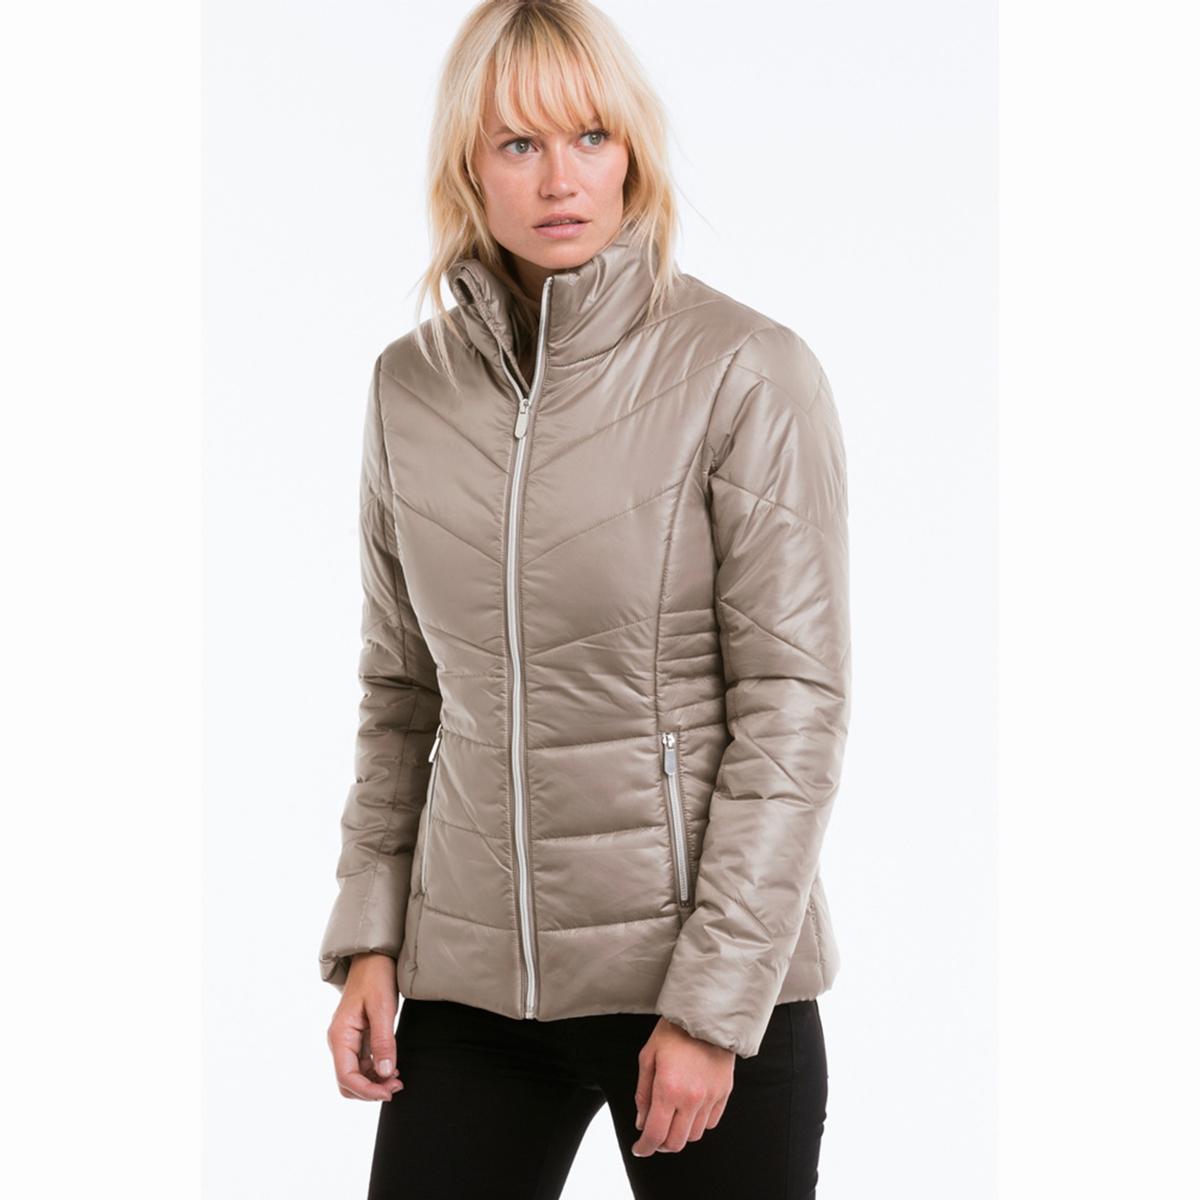 КурткаУльтра легкая стеганая куртка Ультра легкая стеганая куртка. Слегка облегающая форма. Размер-в-размер. Верх куртки из гладкой ткани. Высокий воротник с защитой подбородка. Застежка на молнию серебристого цвета с внутренней защитной планкой. Карманы с застежкой на молнию спереди. Внутренняя часть манжет связана в рубчик. Сатиновая подкладка из полиэстера. Длина ок. 66 см. 95 см для размера 38. 100% полиэстер.Верх: 100% полиэстер.Подкладка: 100% полиэстер.Утеплитель: 100% полиэстер.Покрой: стандартный..Машинная стирка при 40 °С<br><br>Цвет: бежевый,черный<br>Размер: 36 (FR) - 42 (RUS)